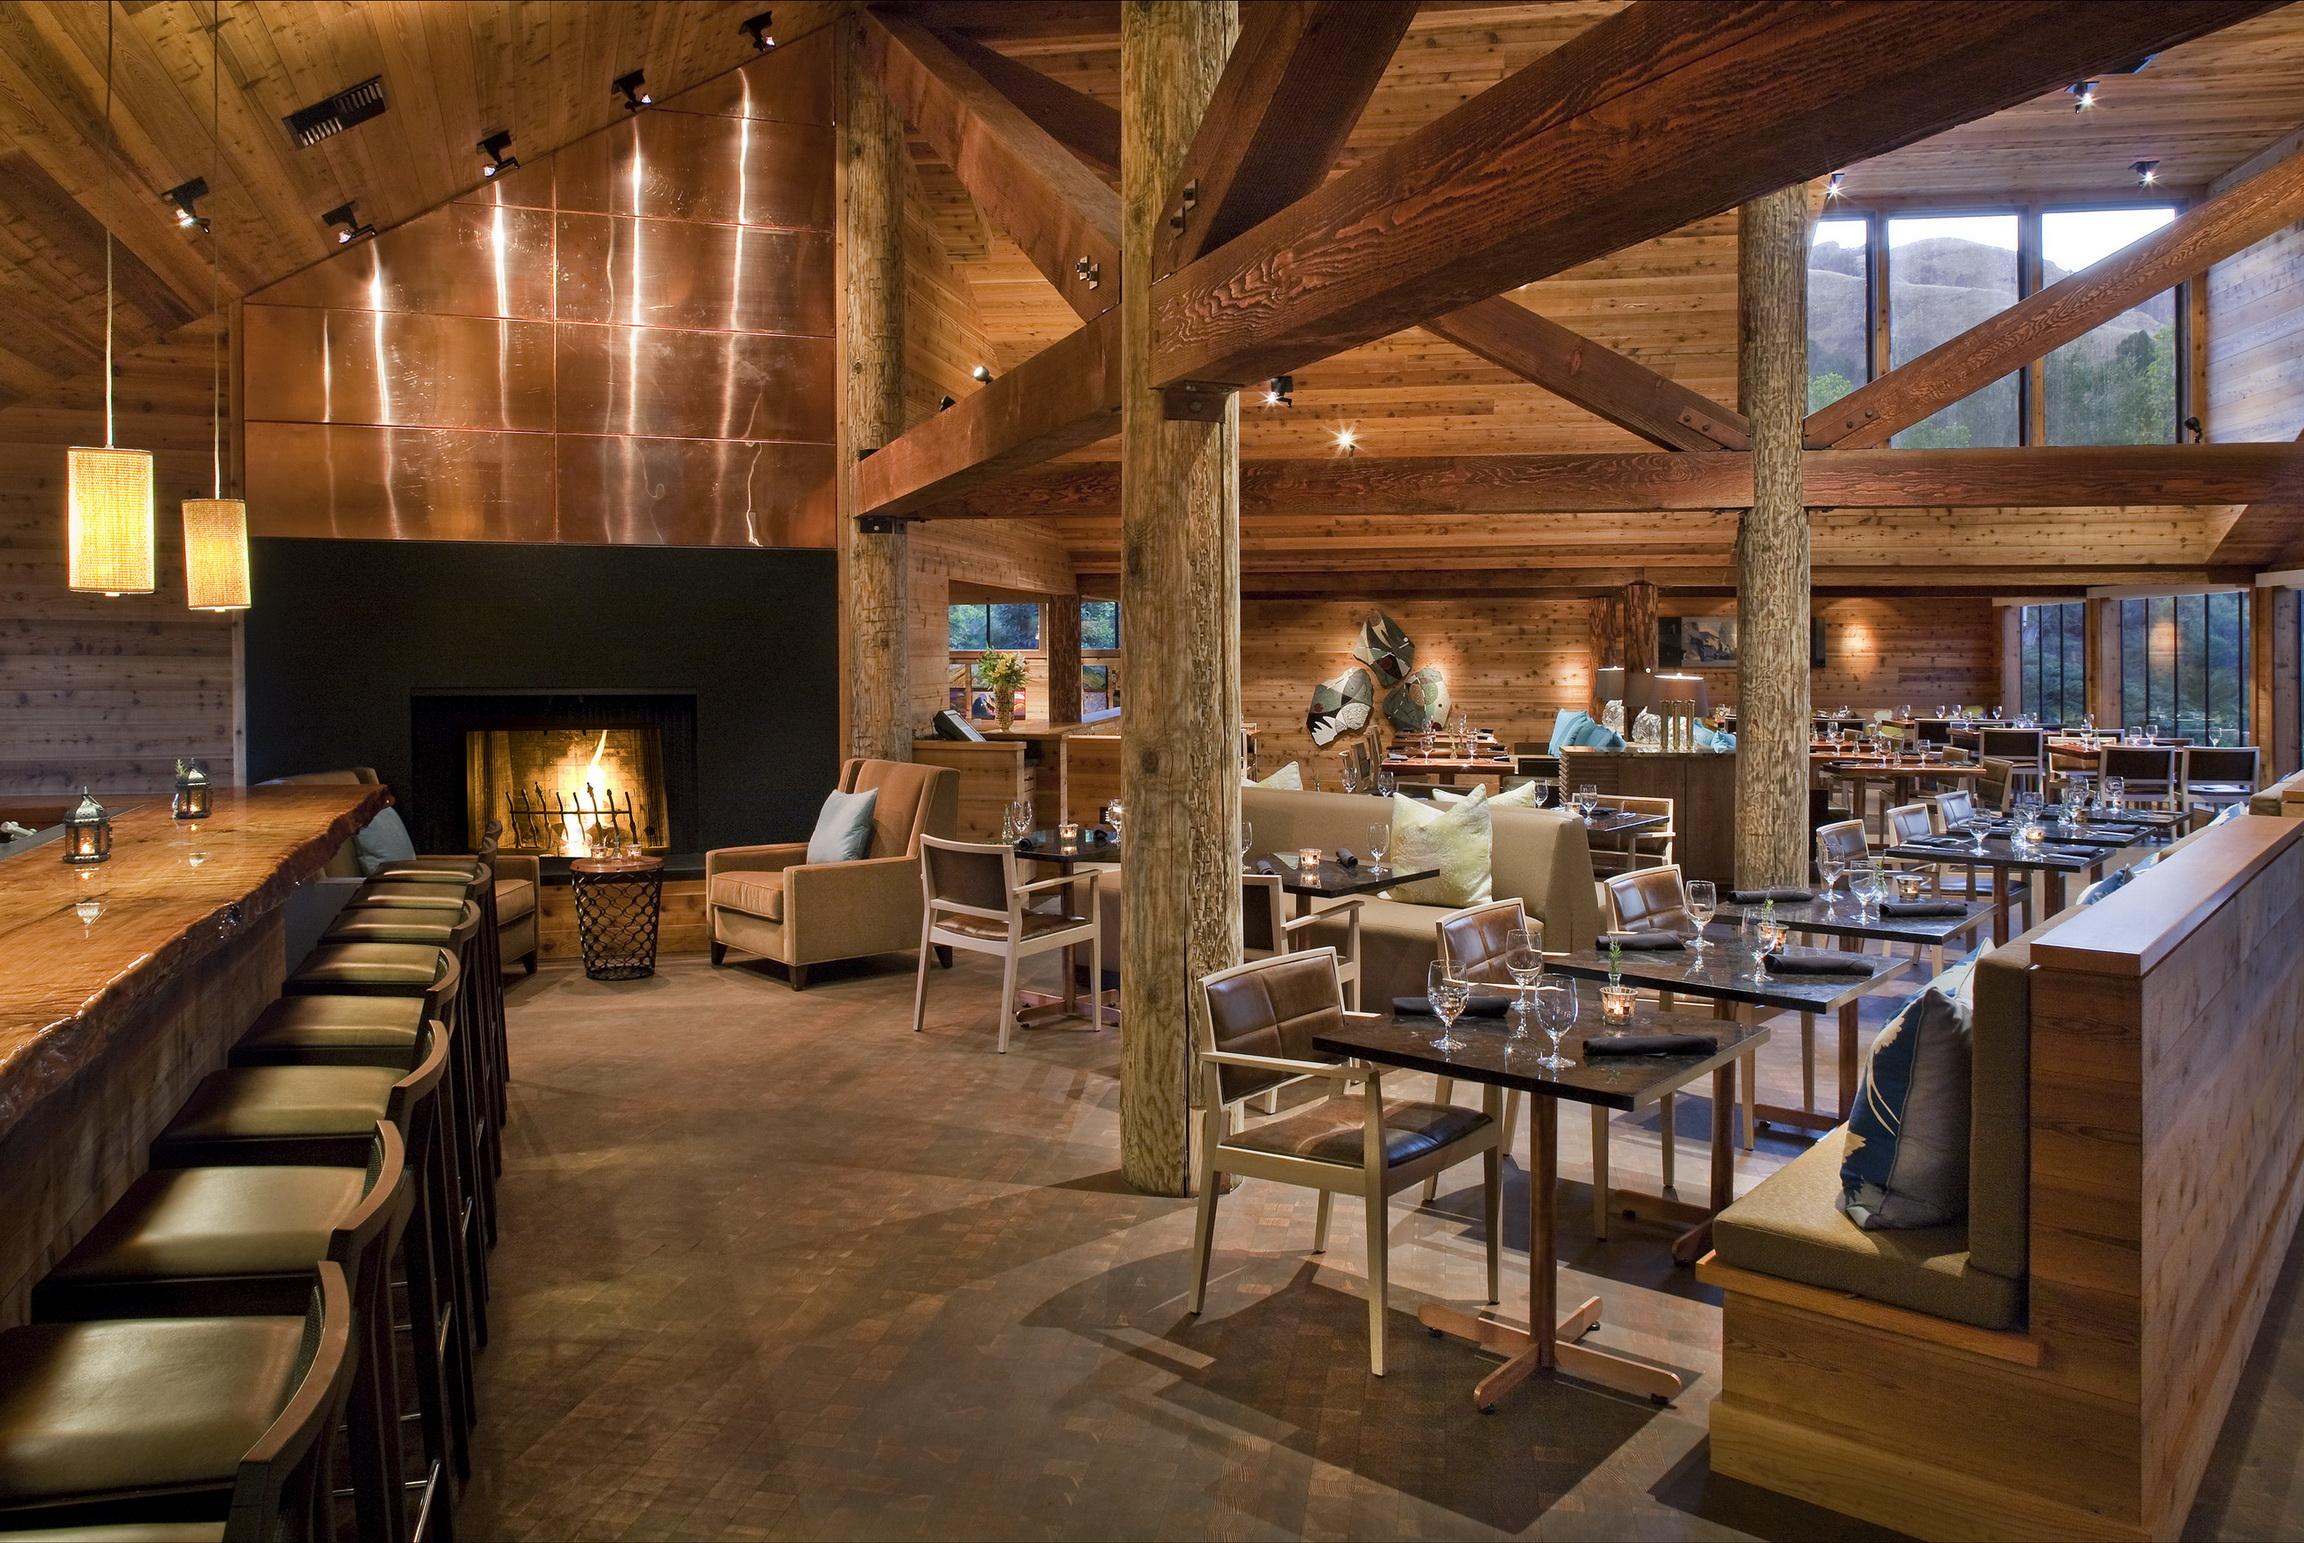 Fotos Von Kamin Innenarchitektur Stuhl Tisch Aus Holz Design